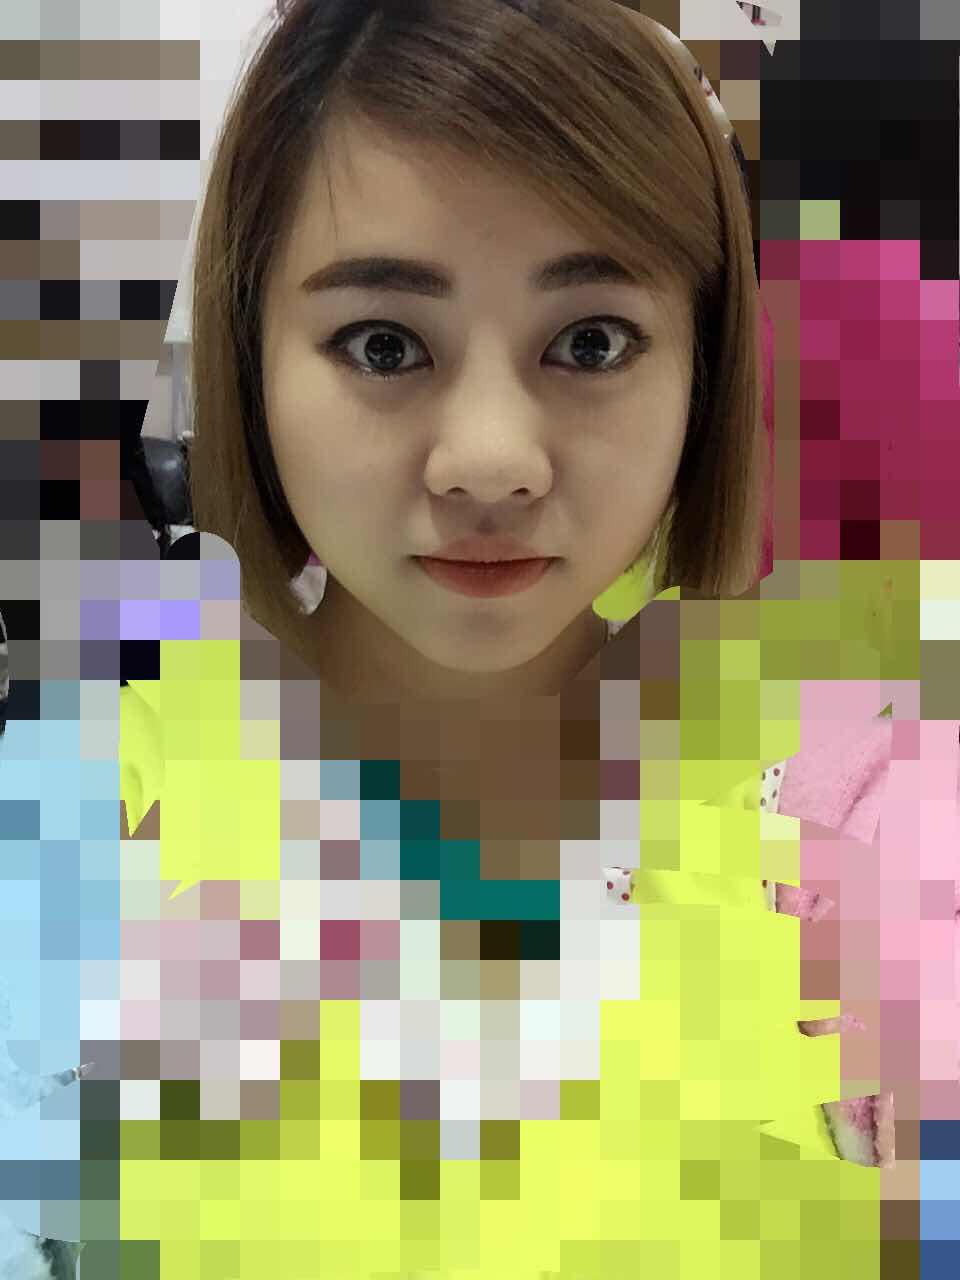 韩式综合美鼻怎么样,我需要整哪些地方啊,想把双眼皮做大点,开个眼角,综合美鼻,大概要多少钱哟,